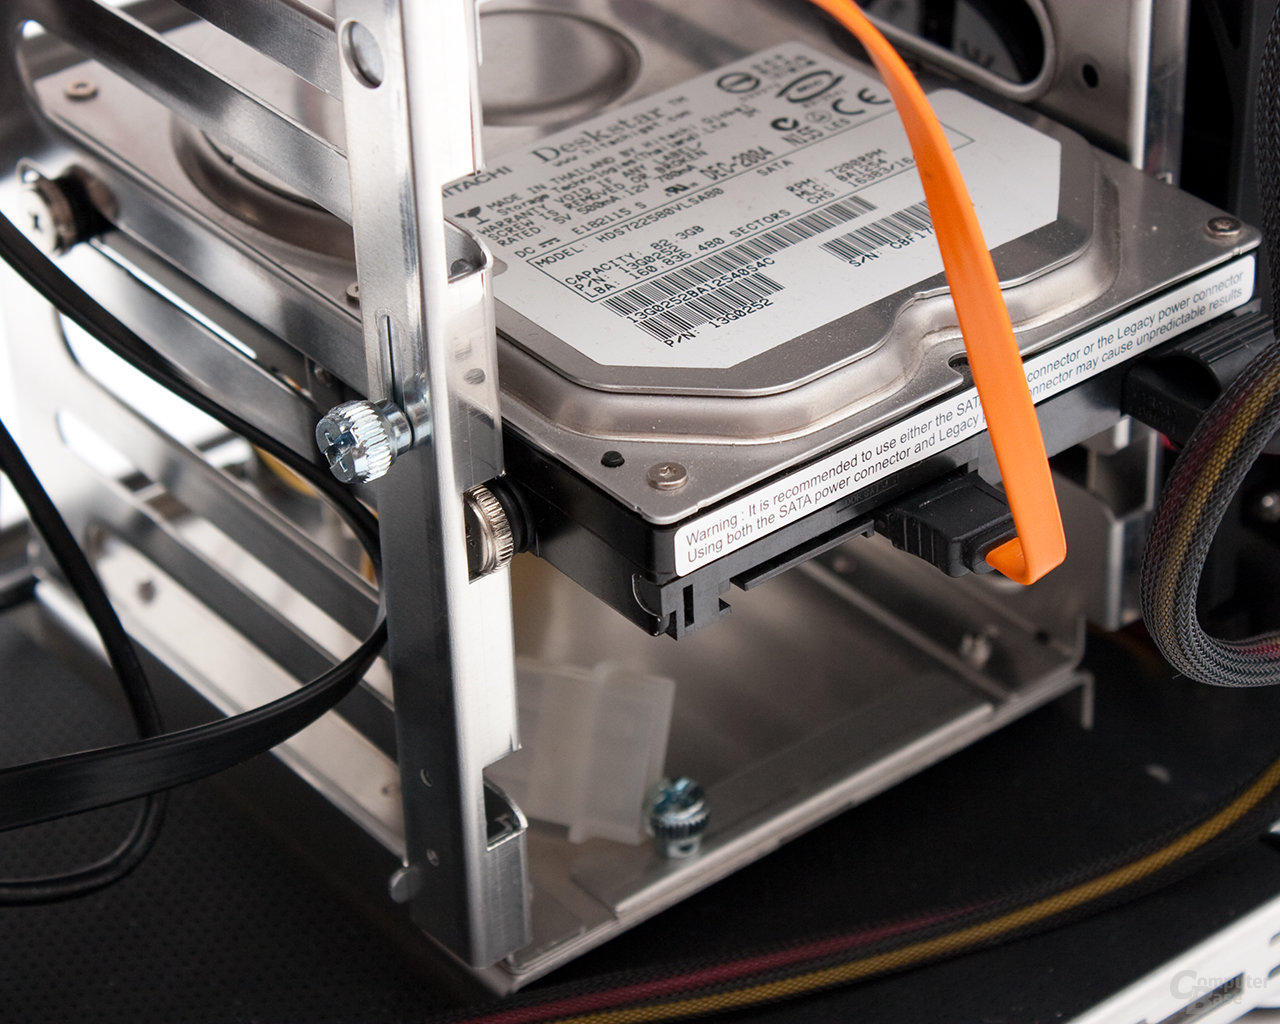 Lian Li PC-B25F – HDD-Verriegelung offen